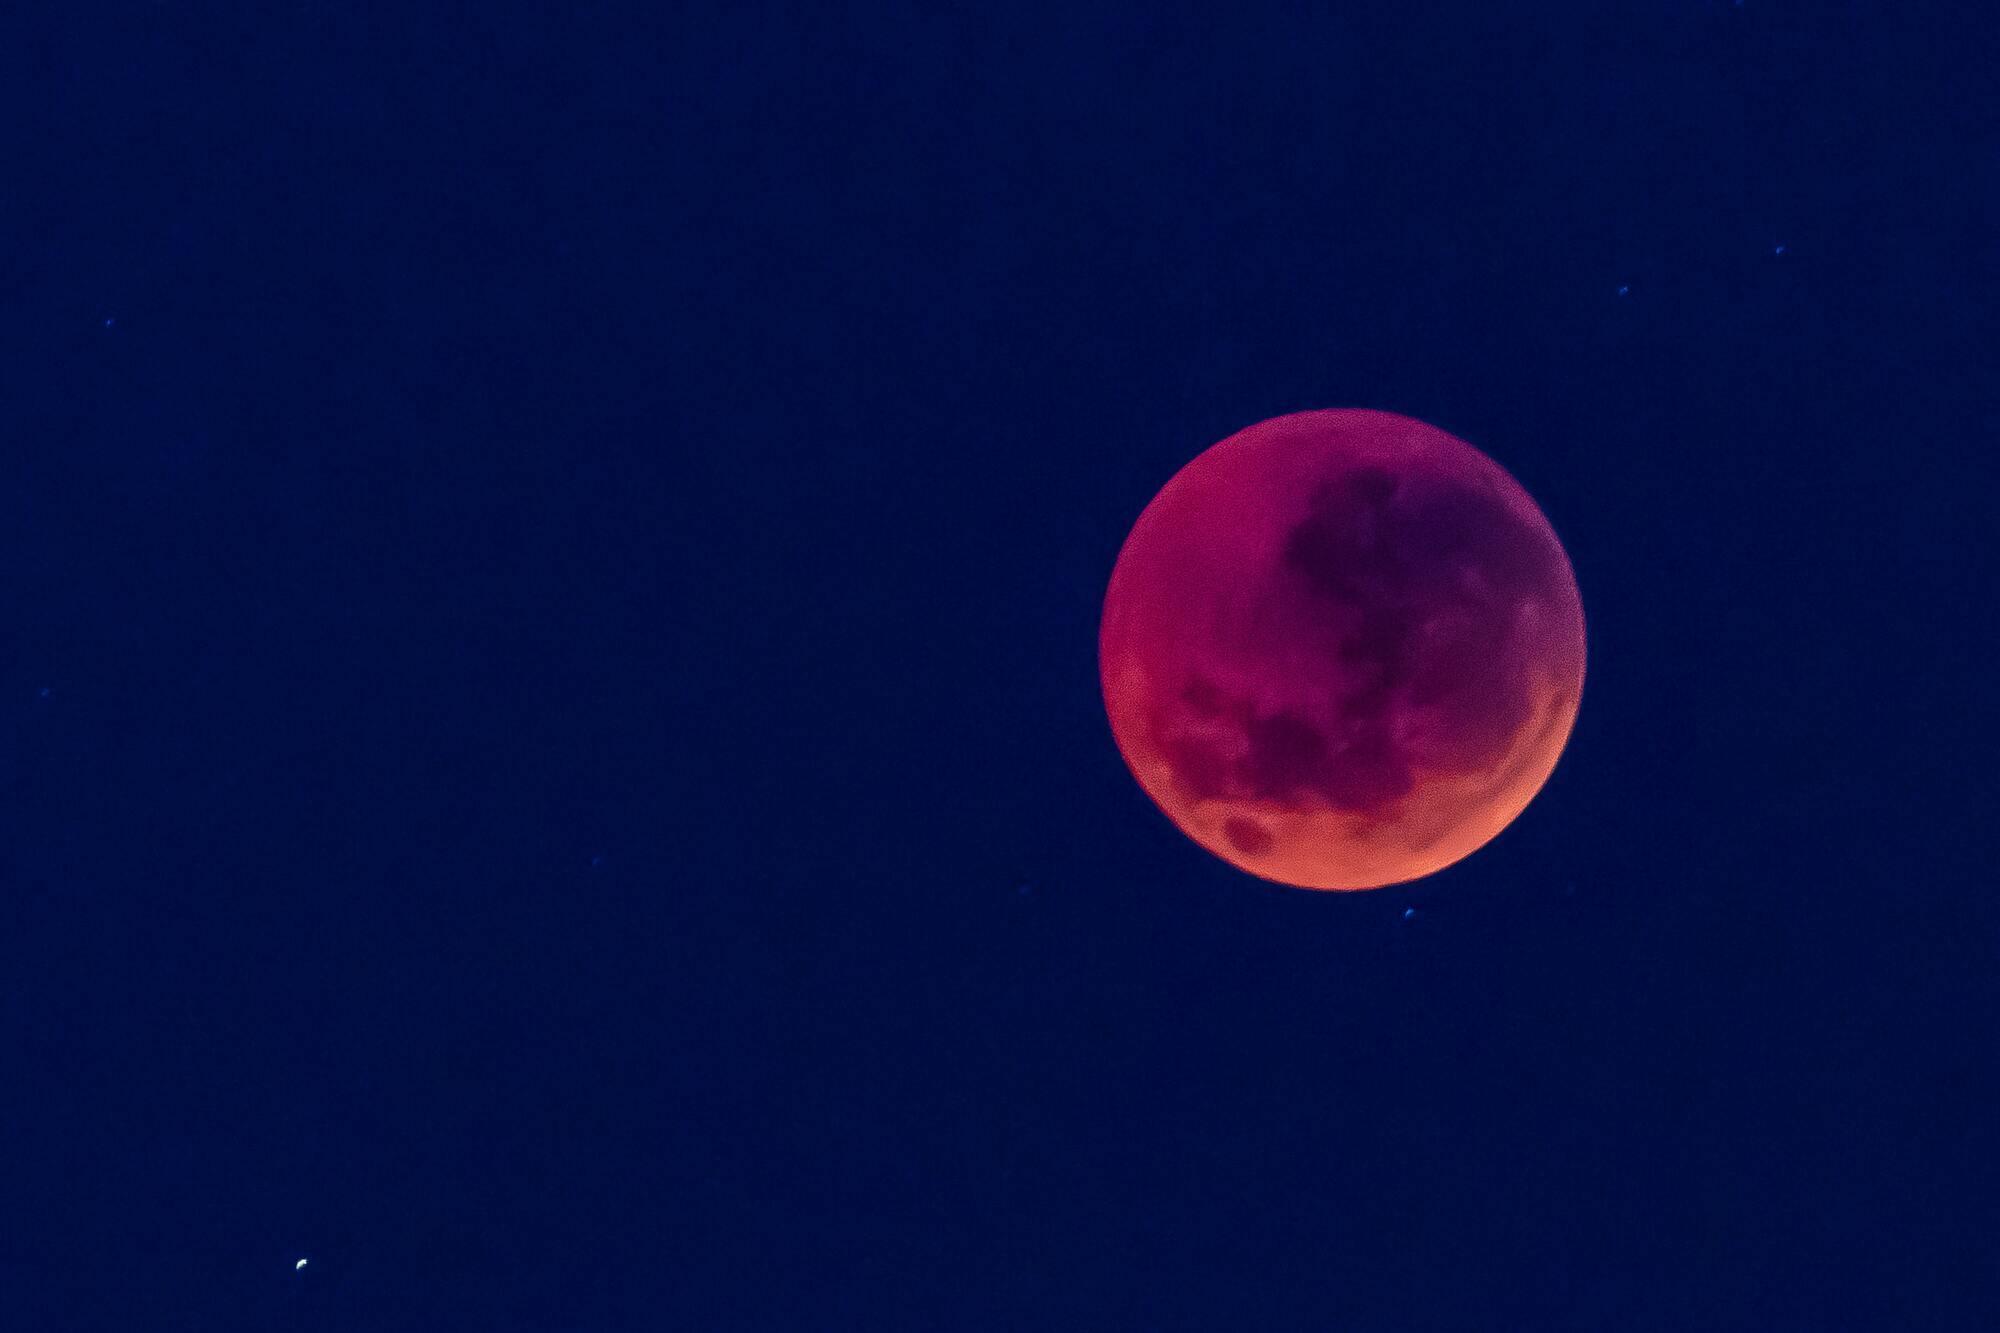 Суничний місяць відомий також як Медовий місяць, Рожевий місяць і Гарячий місяць